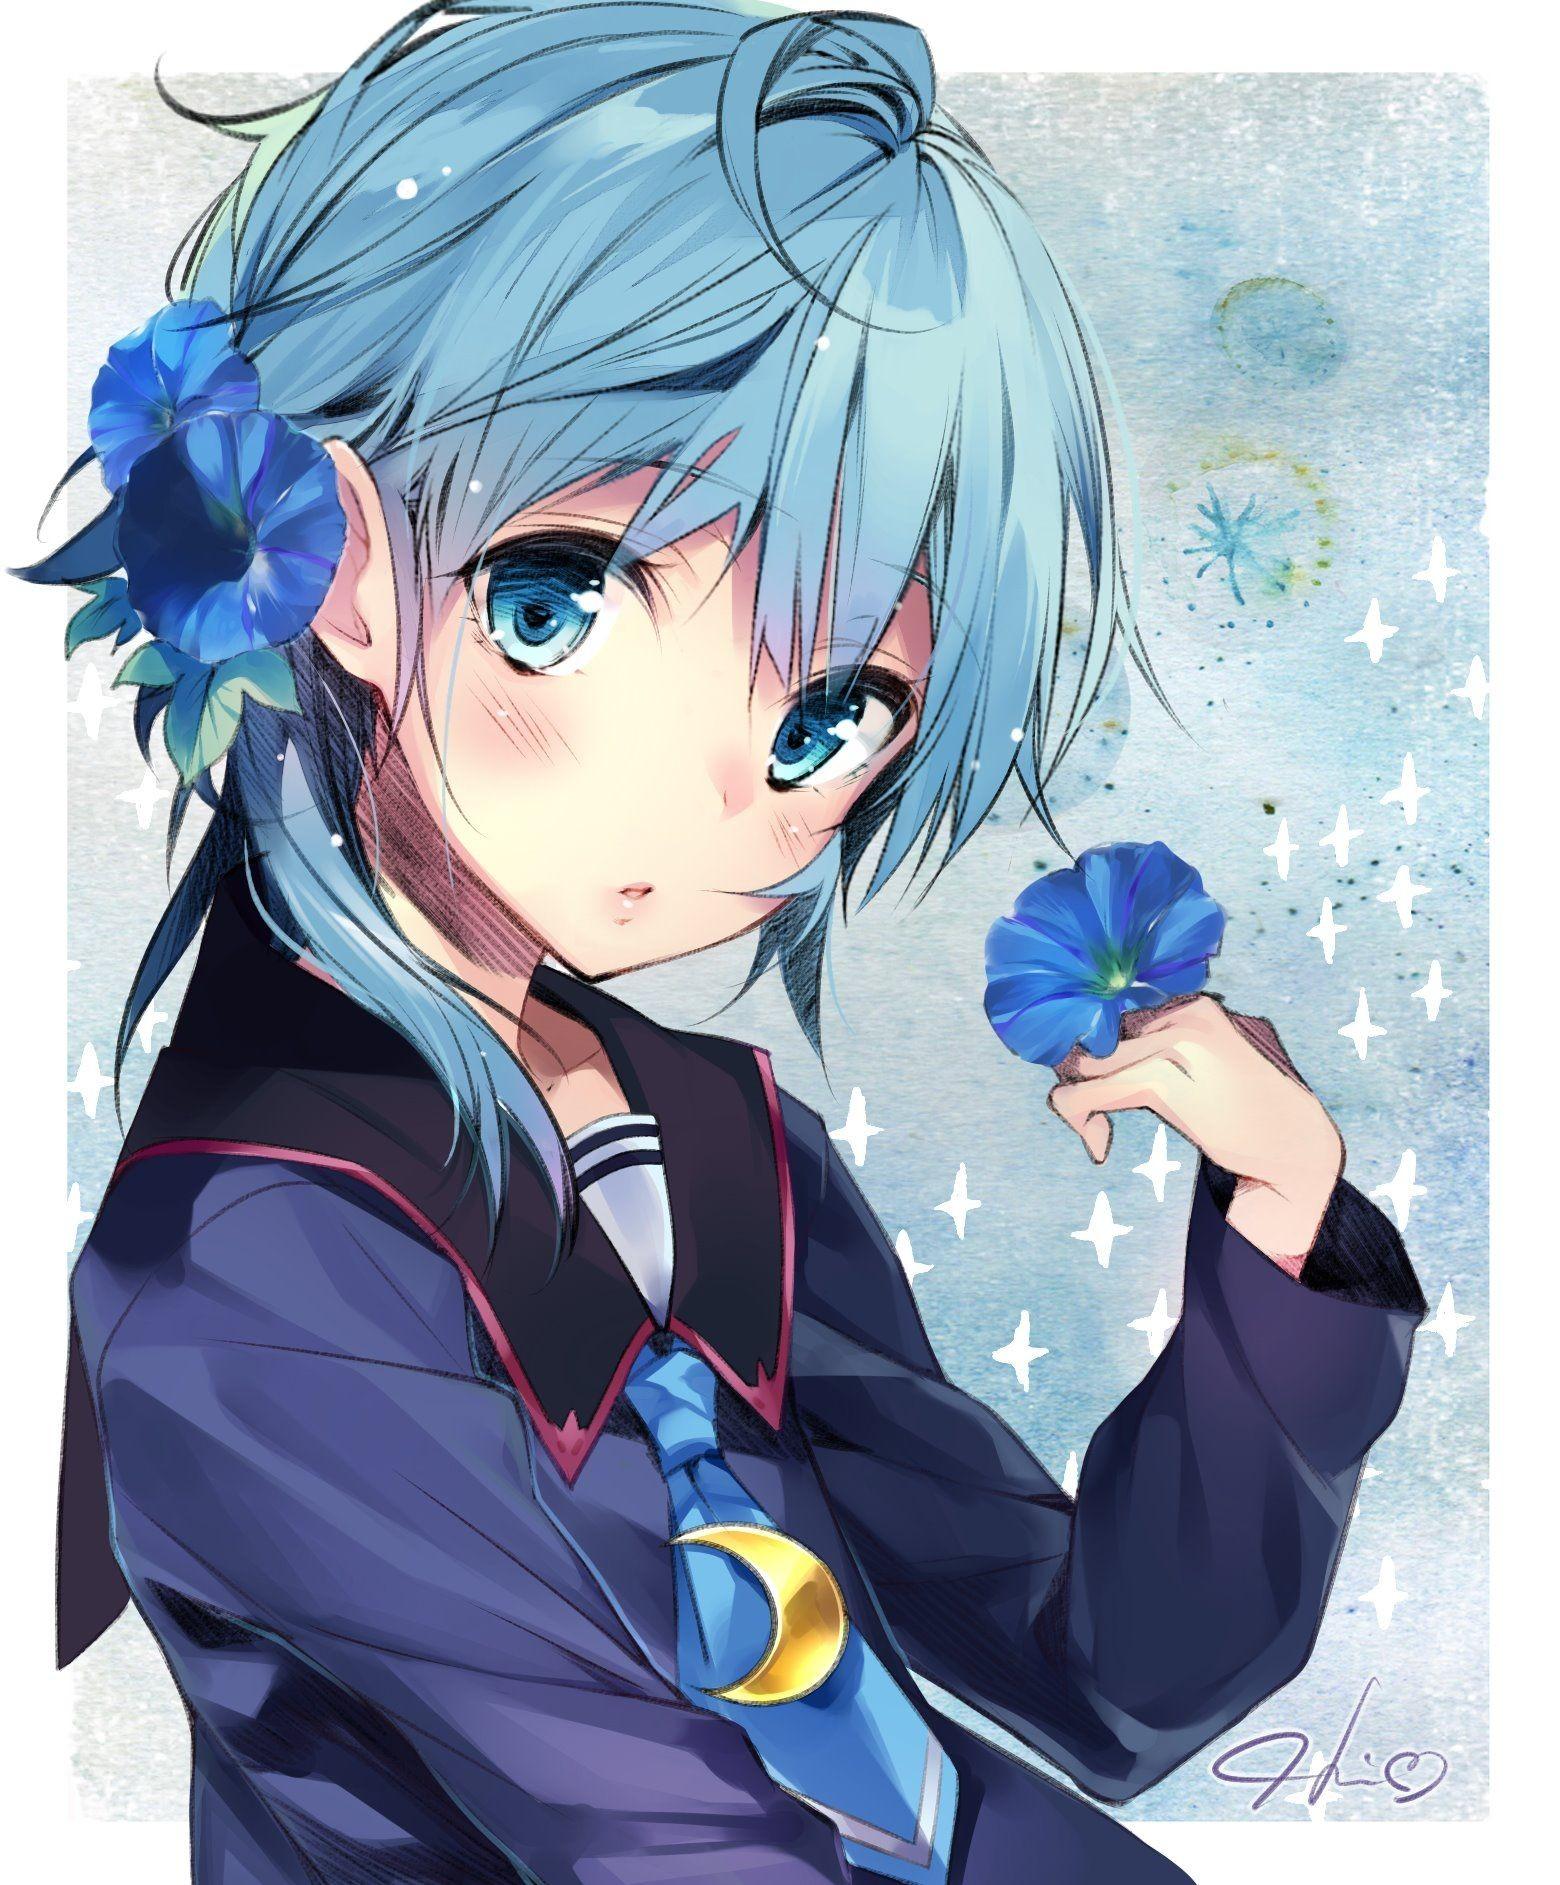 【2次】青髪の可愛い女の子のエロ画像その10